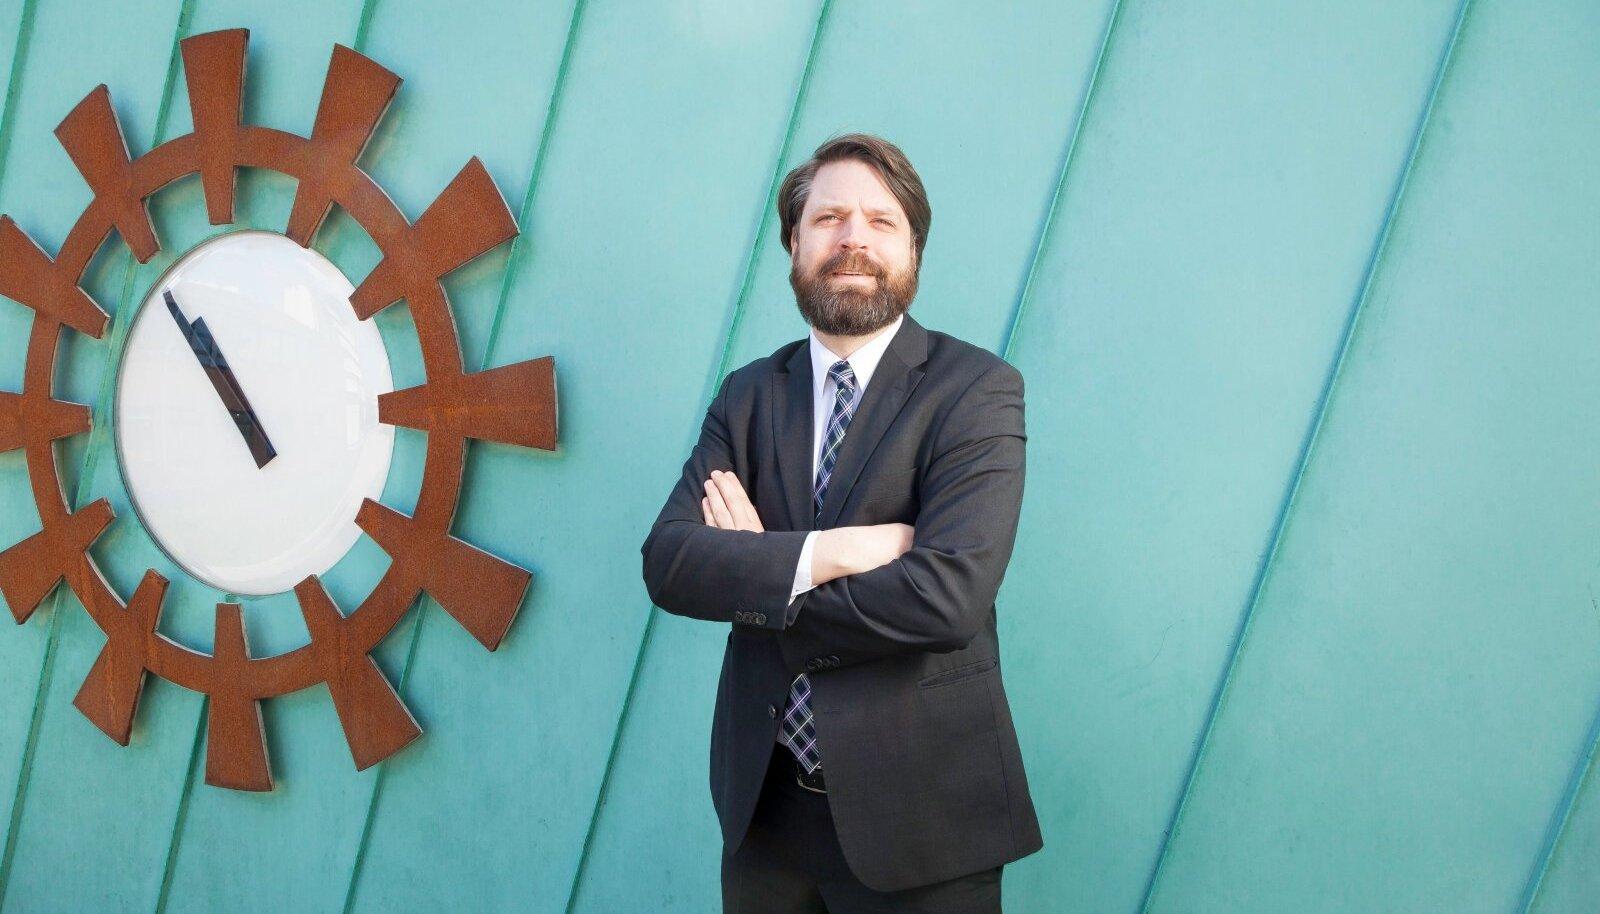 TTÜ Ragnar Nurkse instituudi e-valitsemise professor Robert Krimmer sai viis päeva enne ülikooli rektorivalimisi soodustuskelmuse kriminaalasjas kahtlustuse.